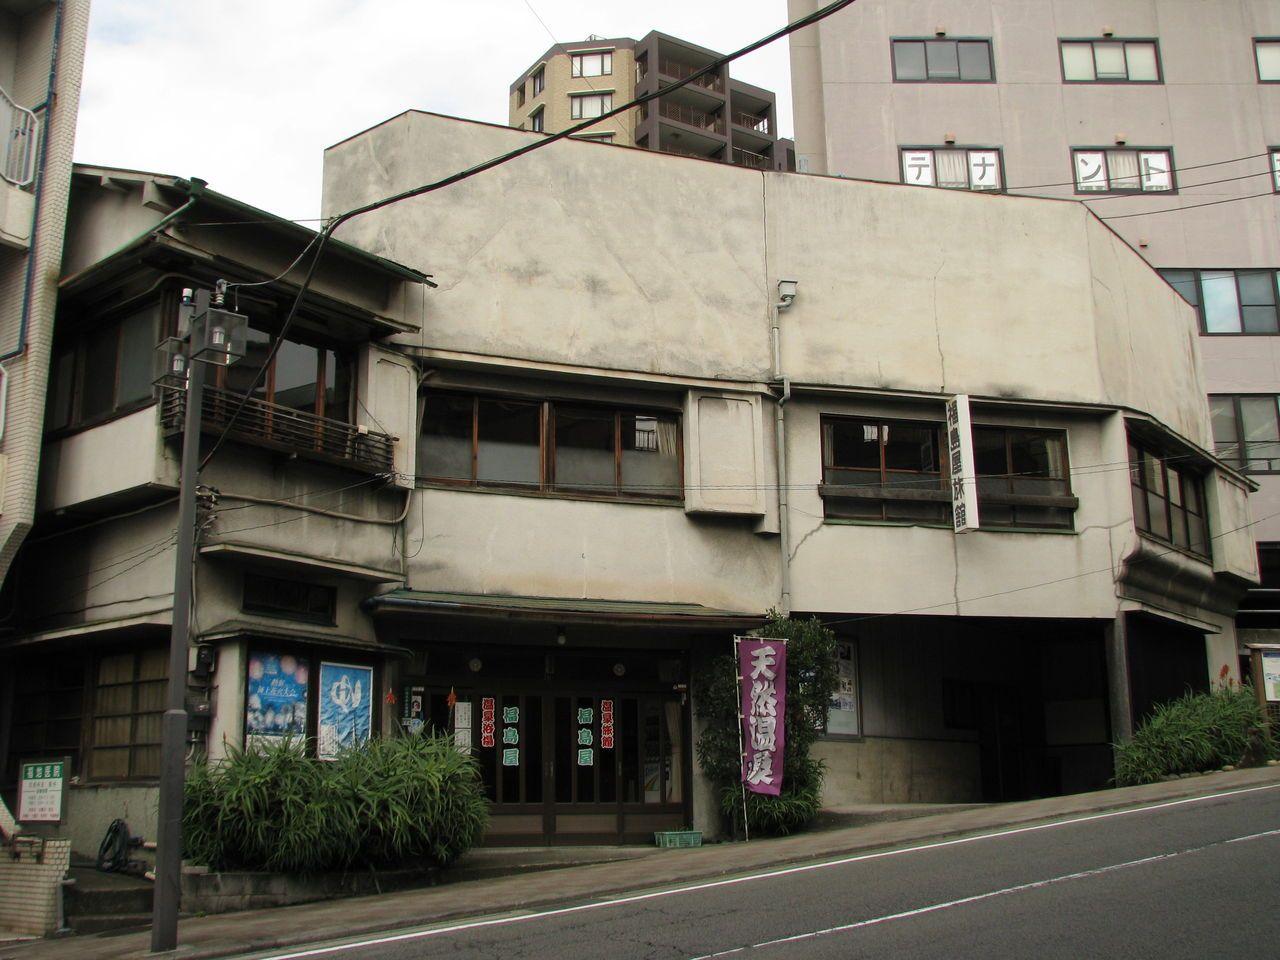 広いお風呂が好きな方はここ!坂の途中の老舗旅館、福島屋旅館。